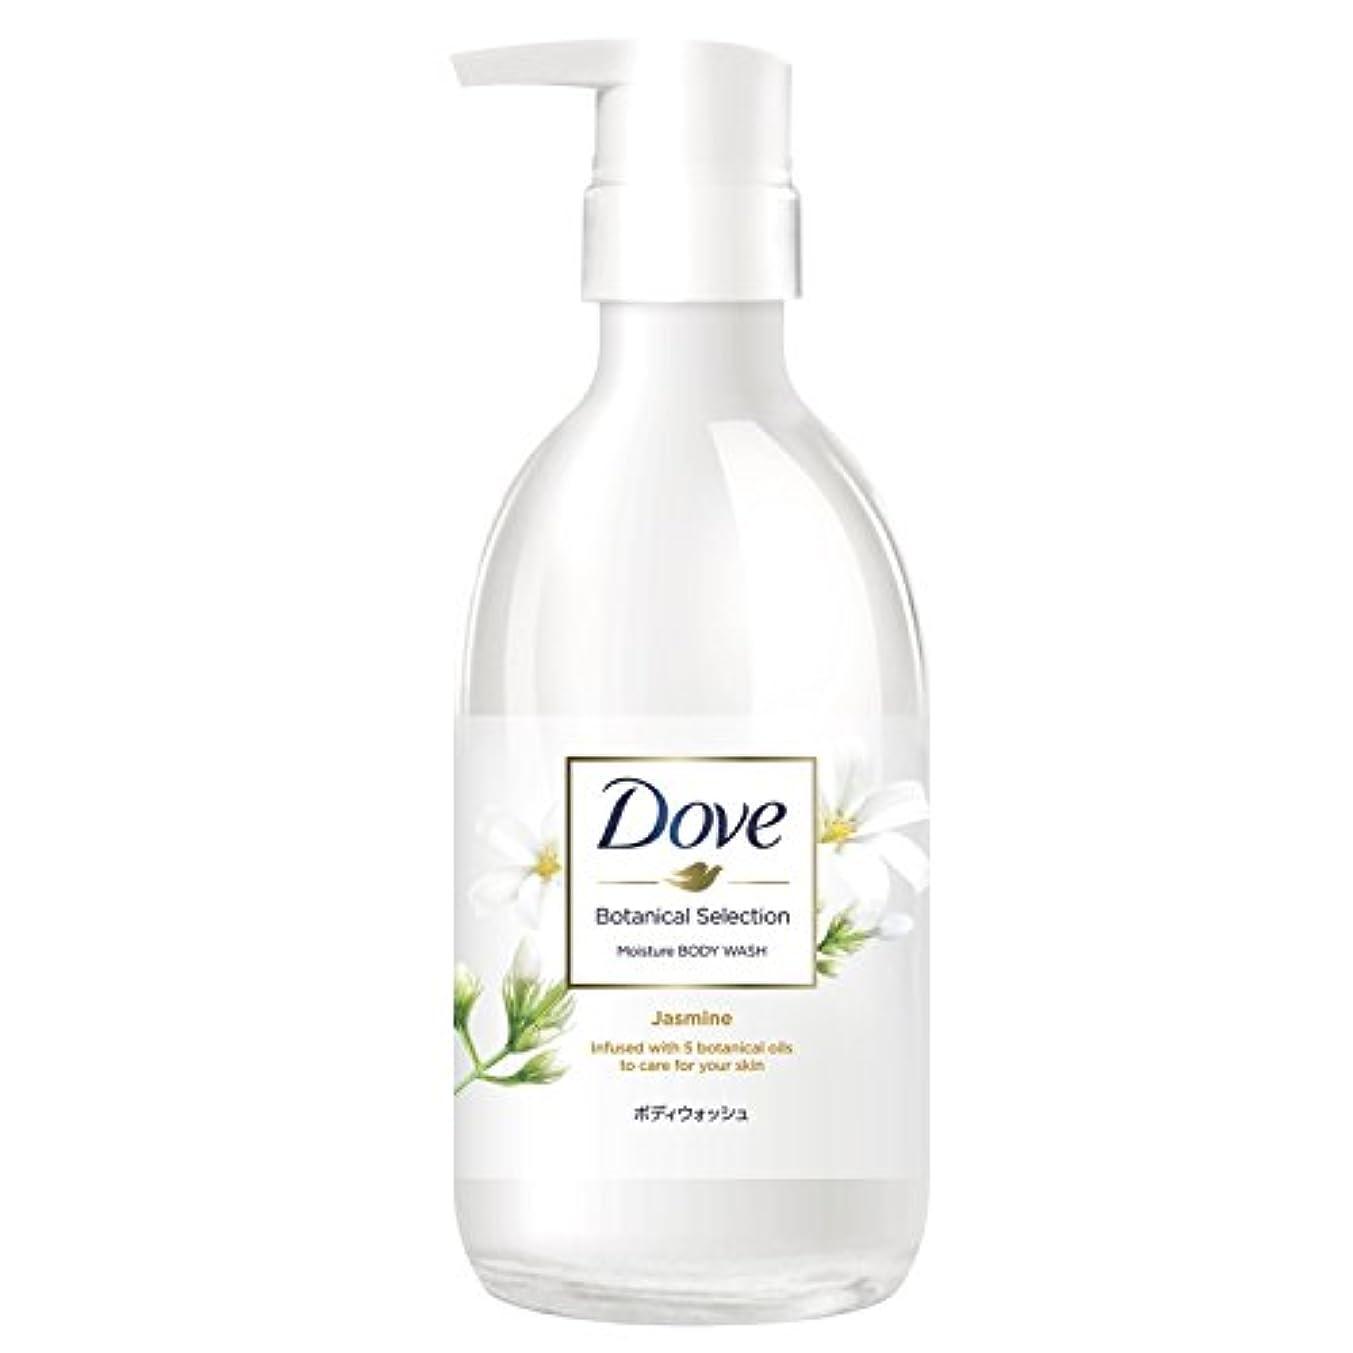 ロマンチックラッシュ病的Dove(ダヴ) ボディウォッシュ ボタニカルセレクション ジャスミン ポンプ 500g